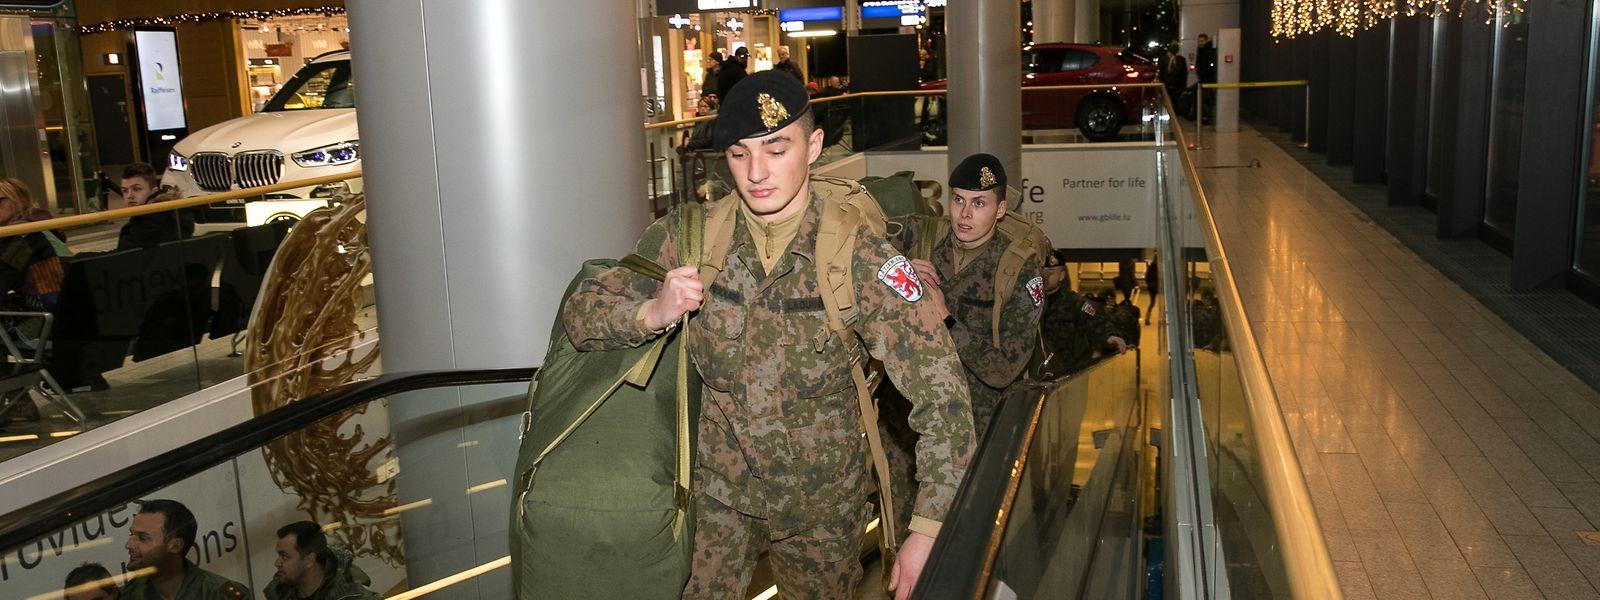 Am Donnerstag wurden die zurückgekehrten Soldaten am Flughafen begrüßt.